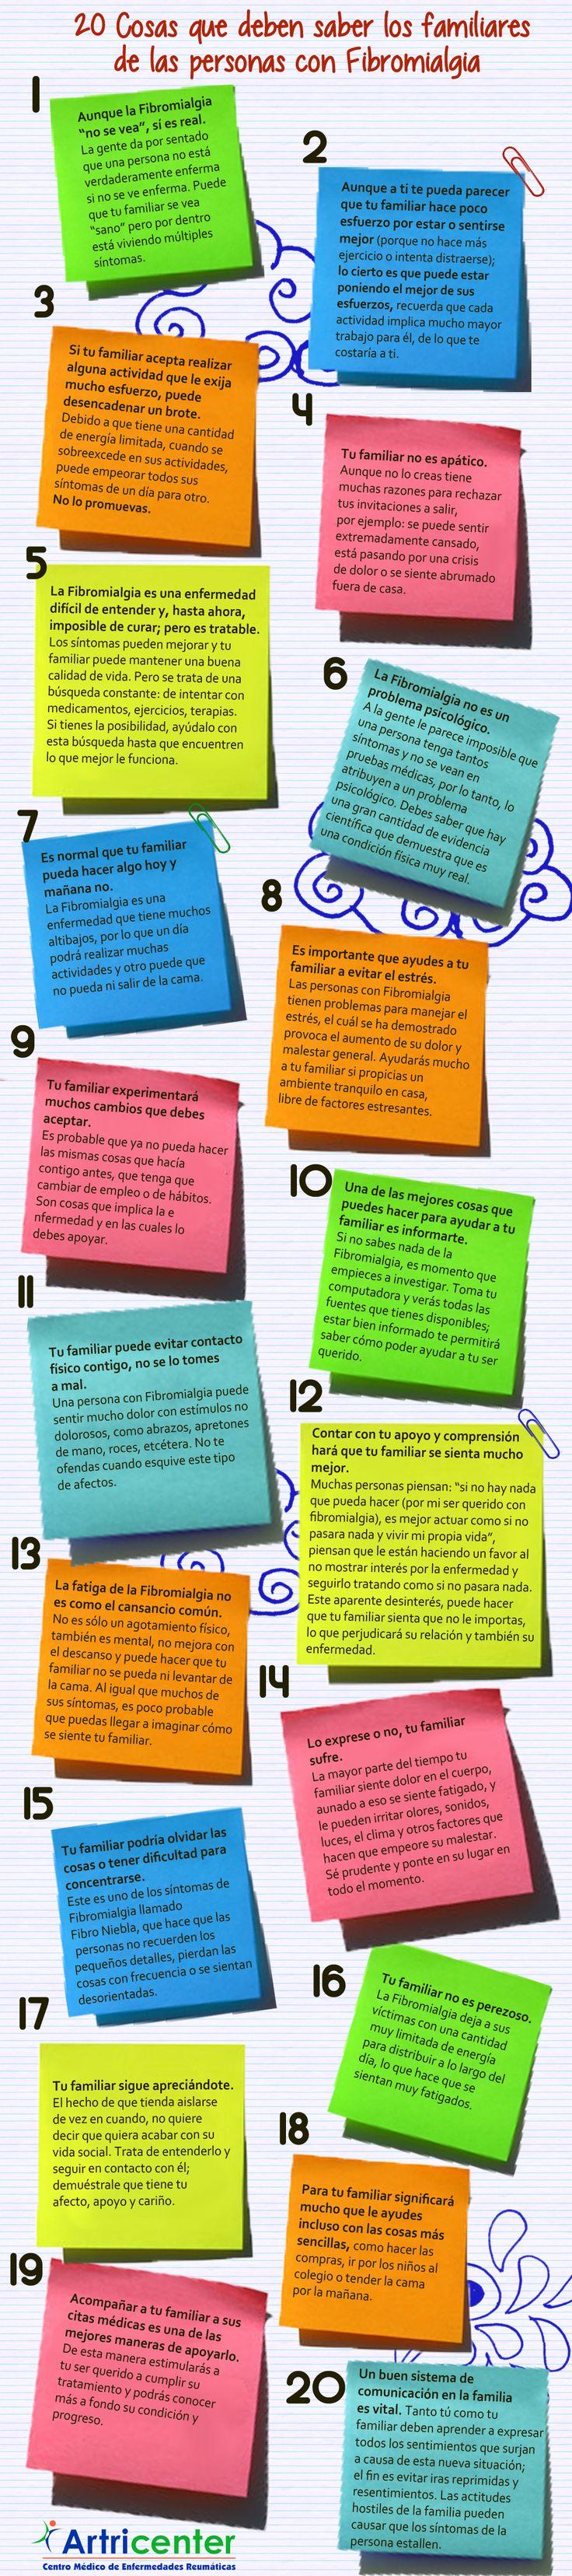 20 cosas que deben saber los familiares de las personas con fibromialgia.